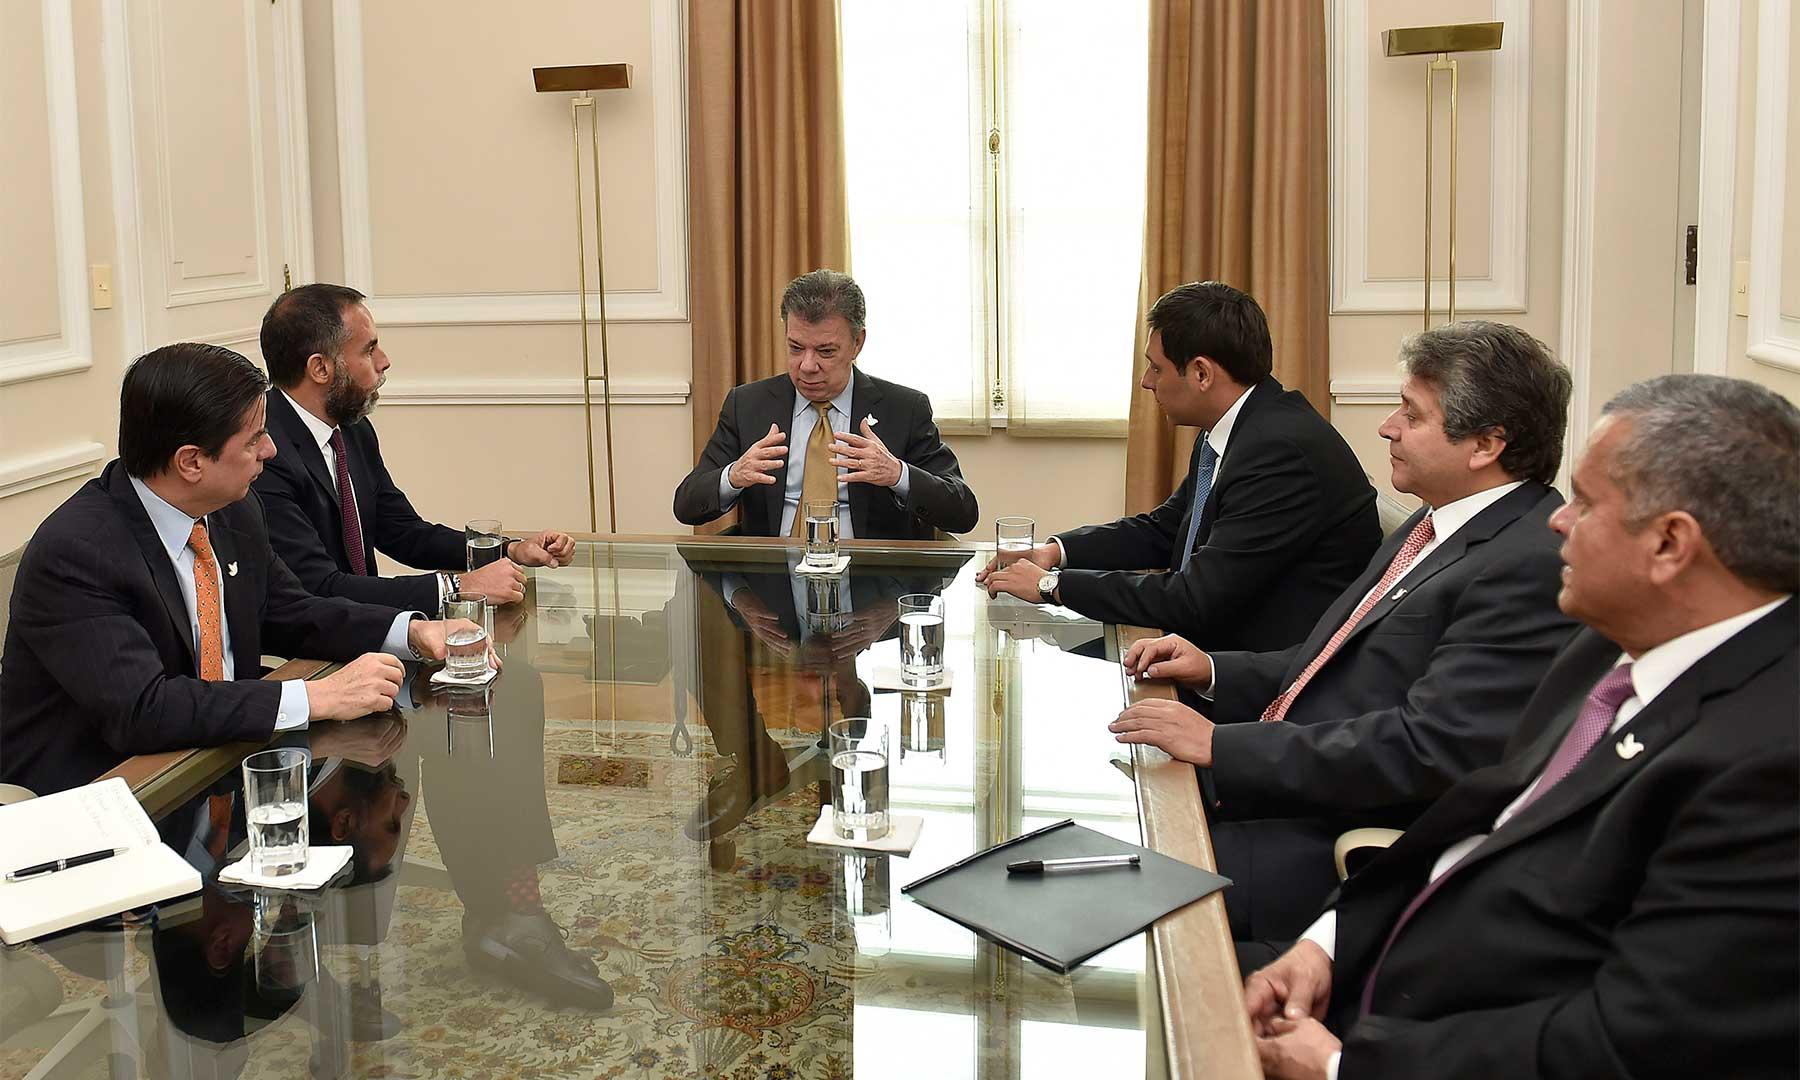 En reunión con el Presidente Santos, el presidente del Senado, Mauricio Lizcano, el senador Armando Benedetti y otros congresistas del Partido de la U ratificaron su apoyo a la implementación de los acuerdos de paz y la campaña del Sí en el plebiscito.